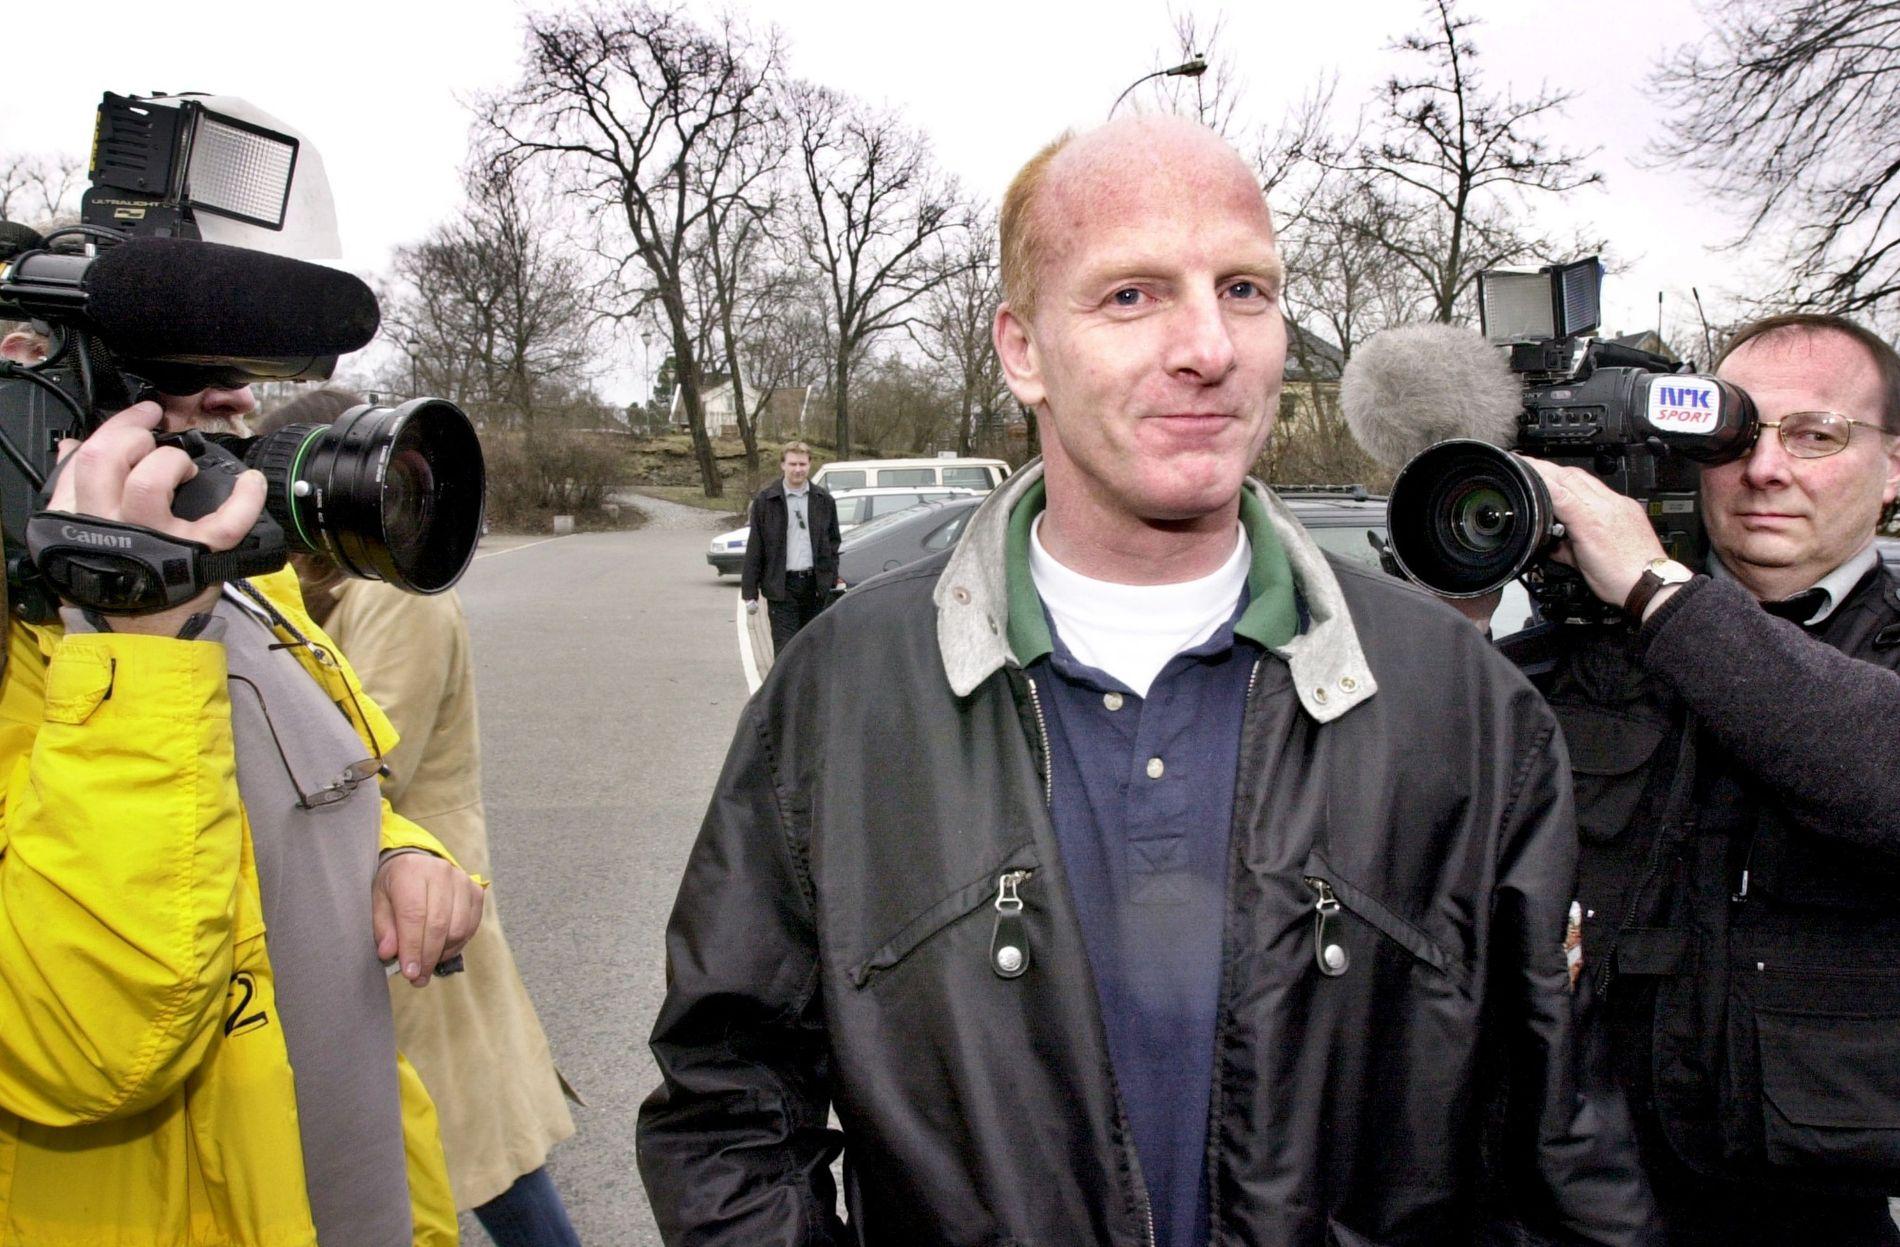 FØR DOMMEN: Lars Grønnerød under rettssaken i Nes herredsrett 2001.